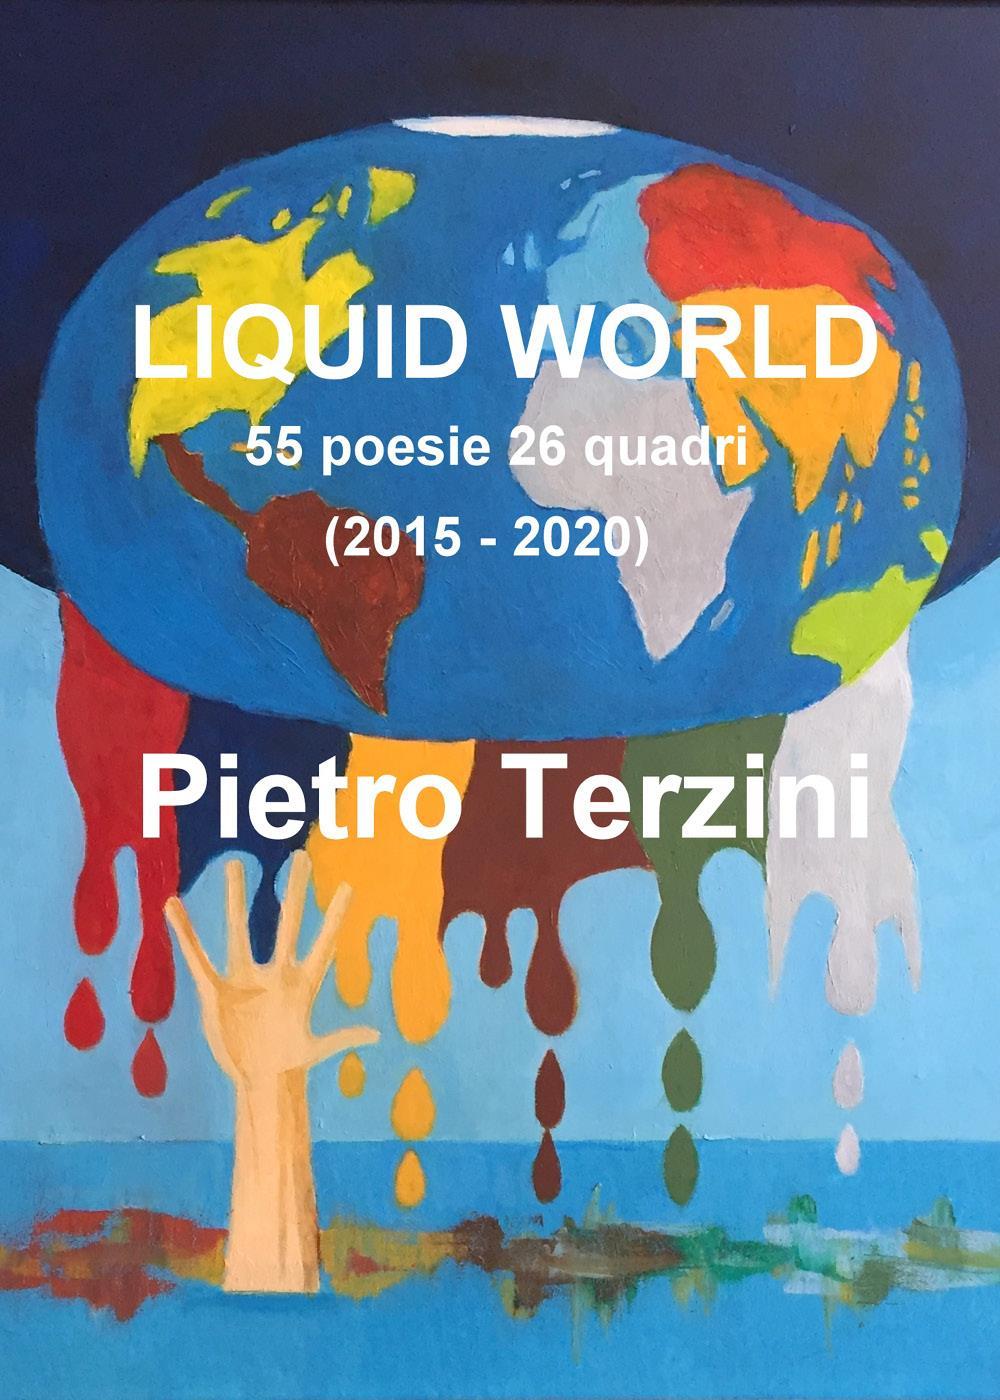 LIQUID WORLD 55 poesie 26 quadri (2015-2020)